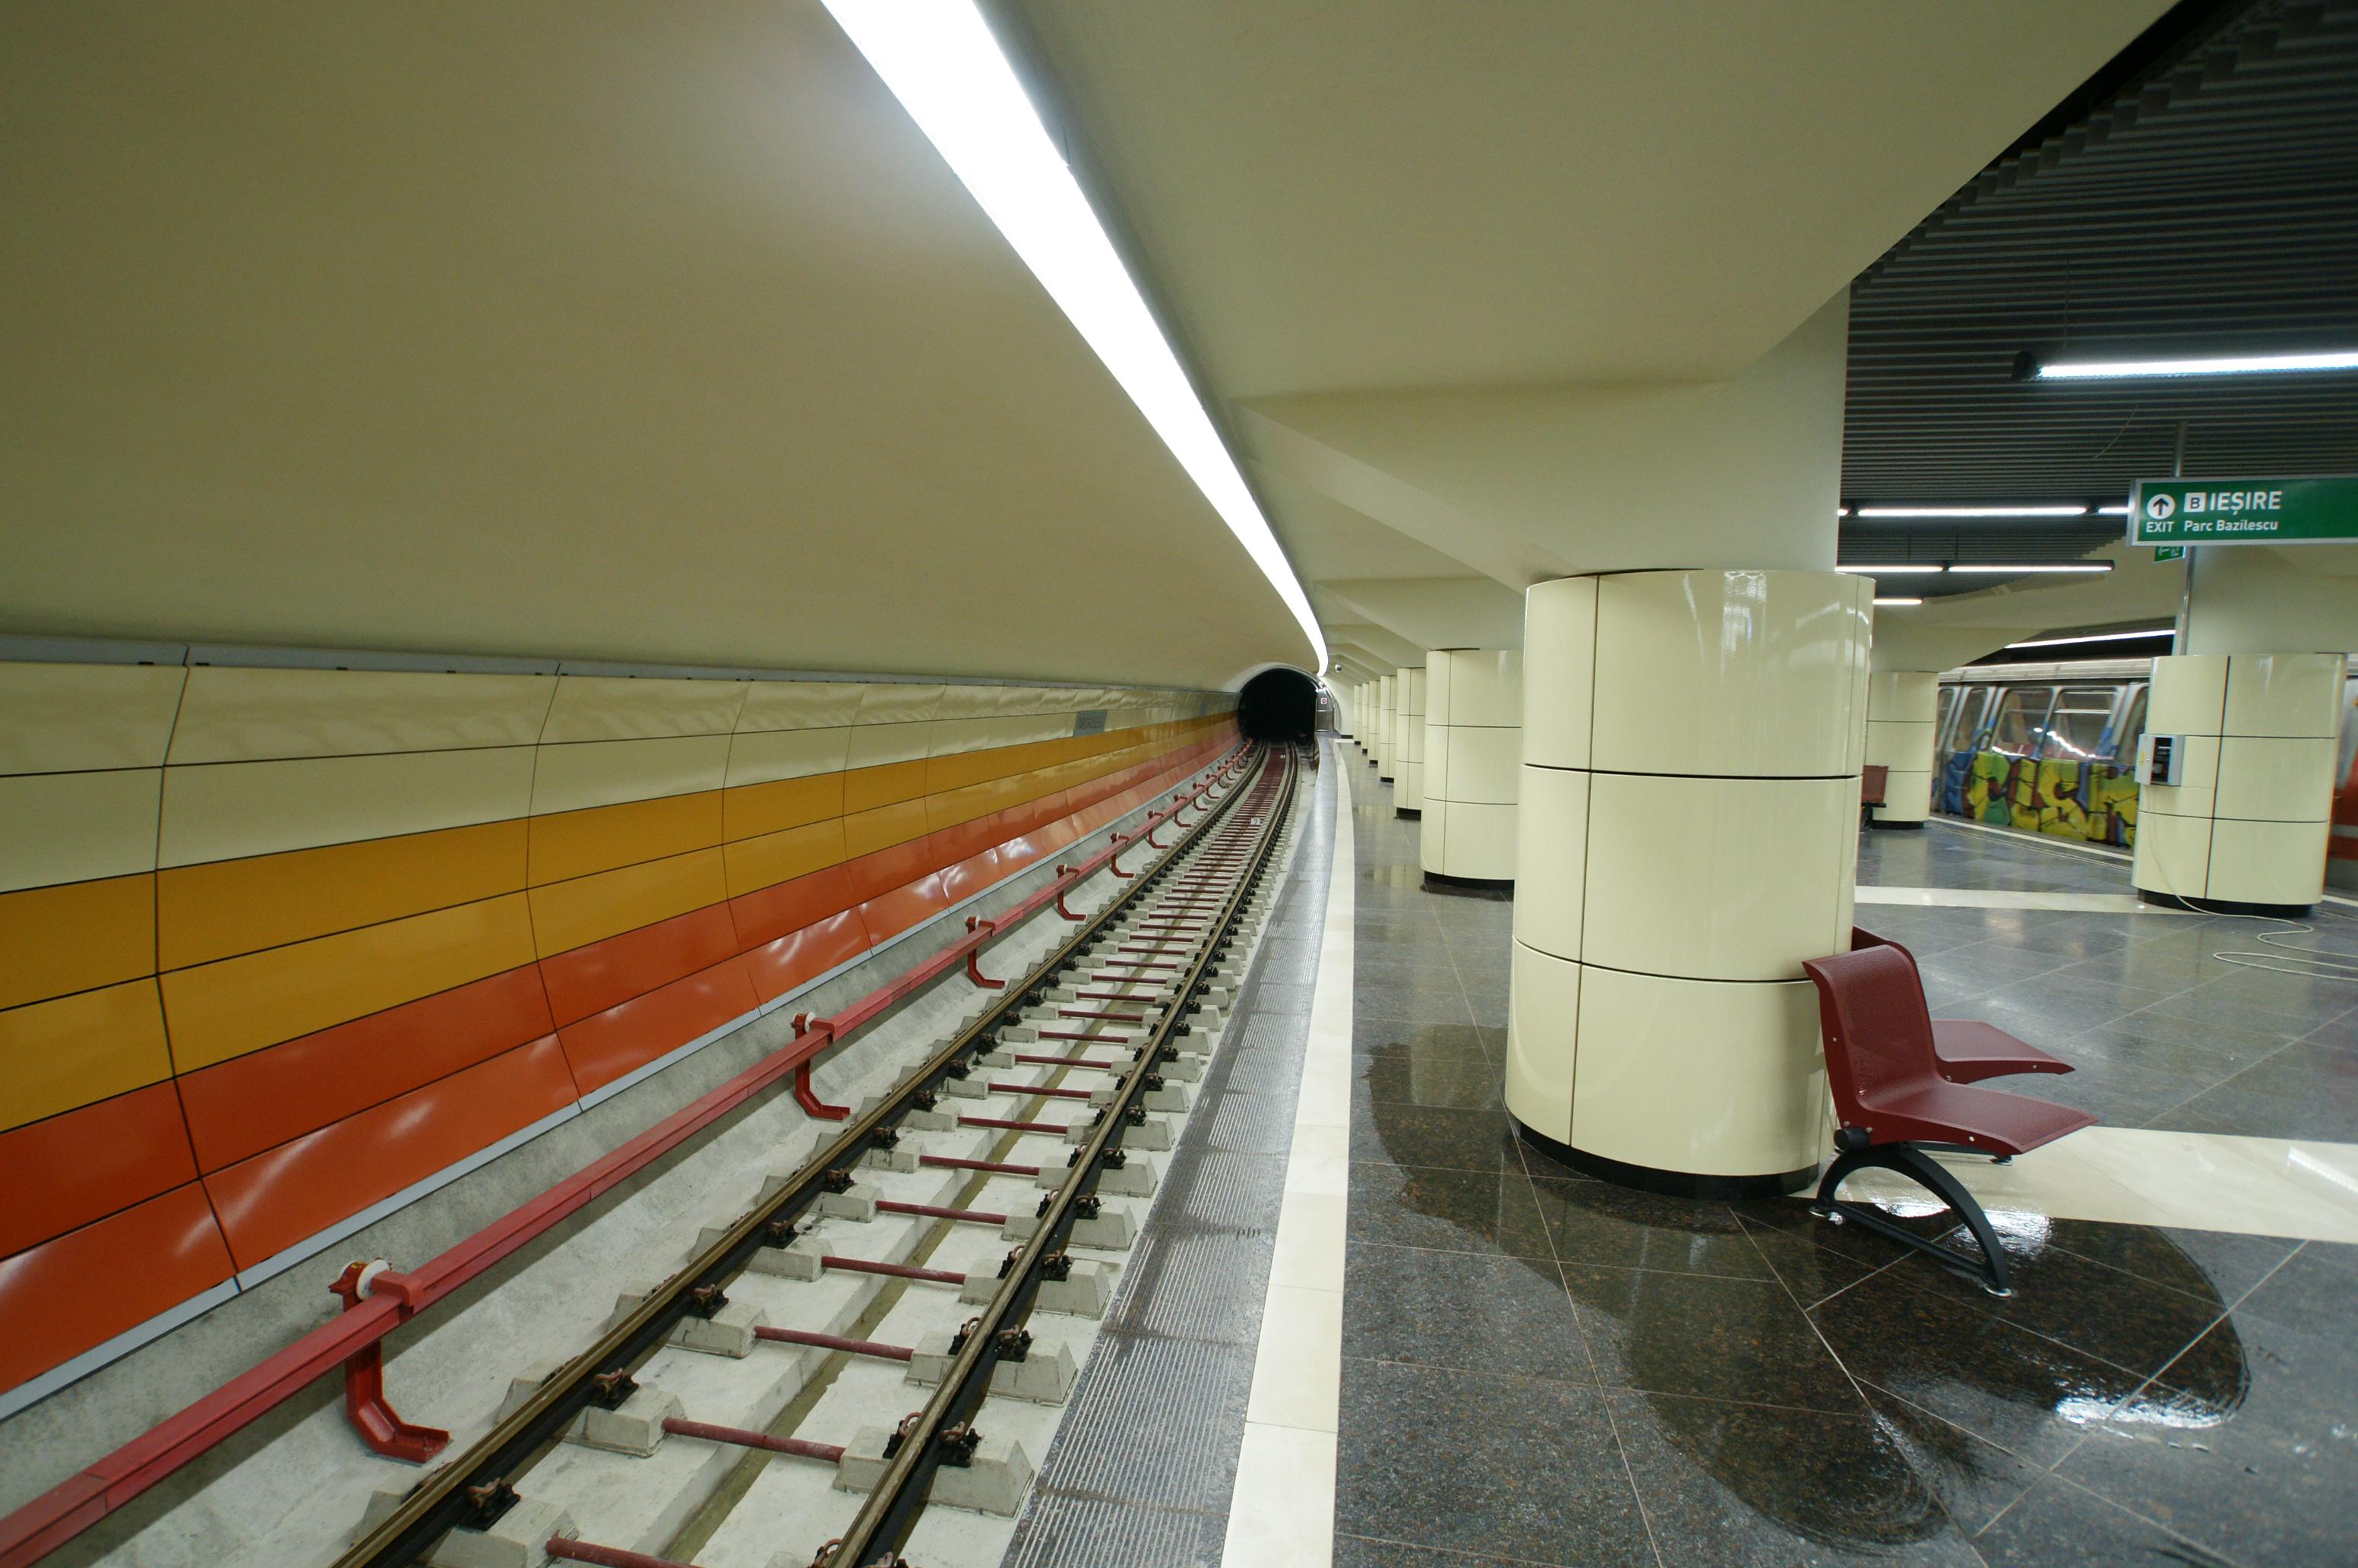 Panouri din tabla de otel folosite la statia de metrou Bazilescu OMERAS - Poza 1